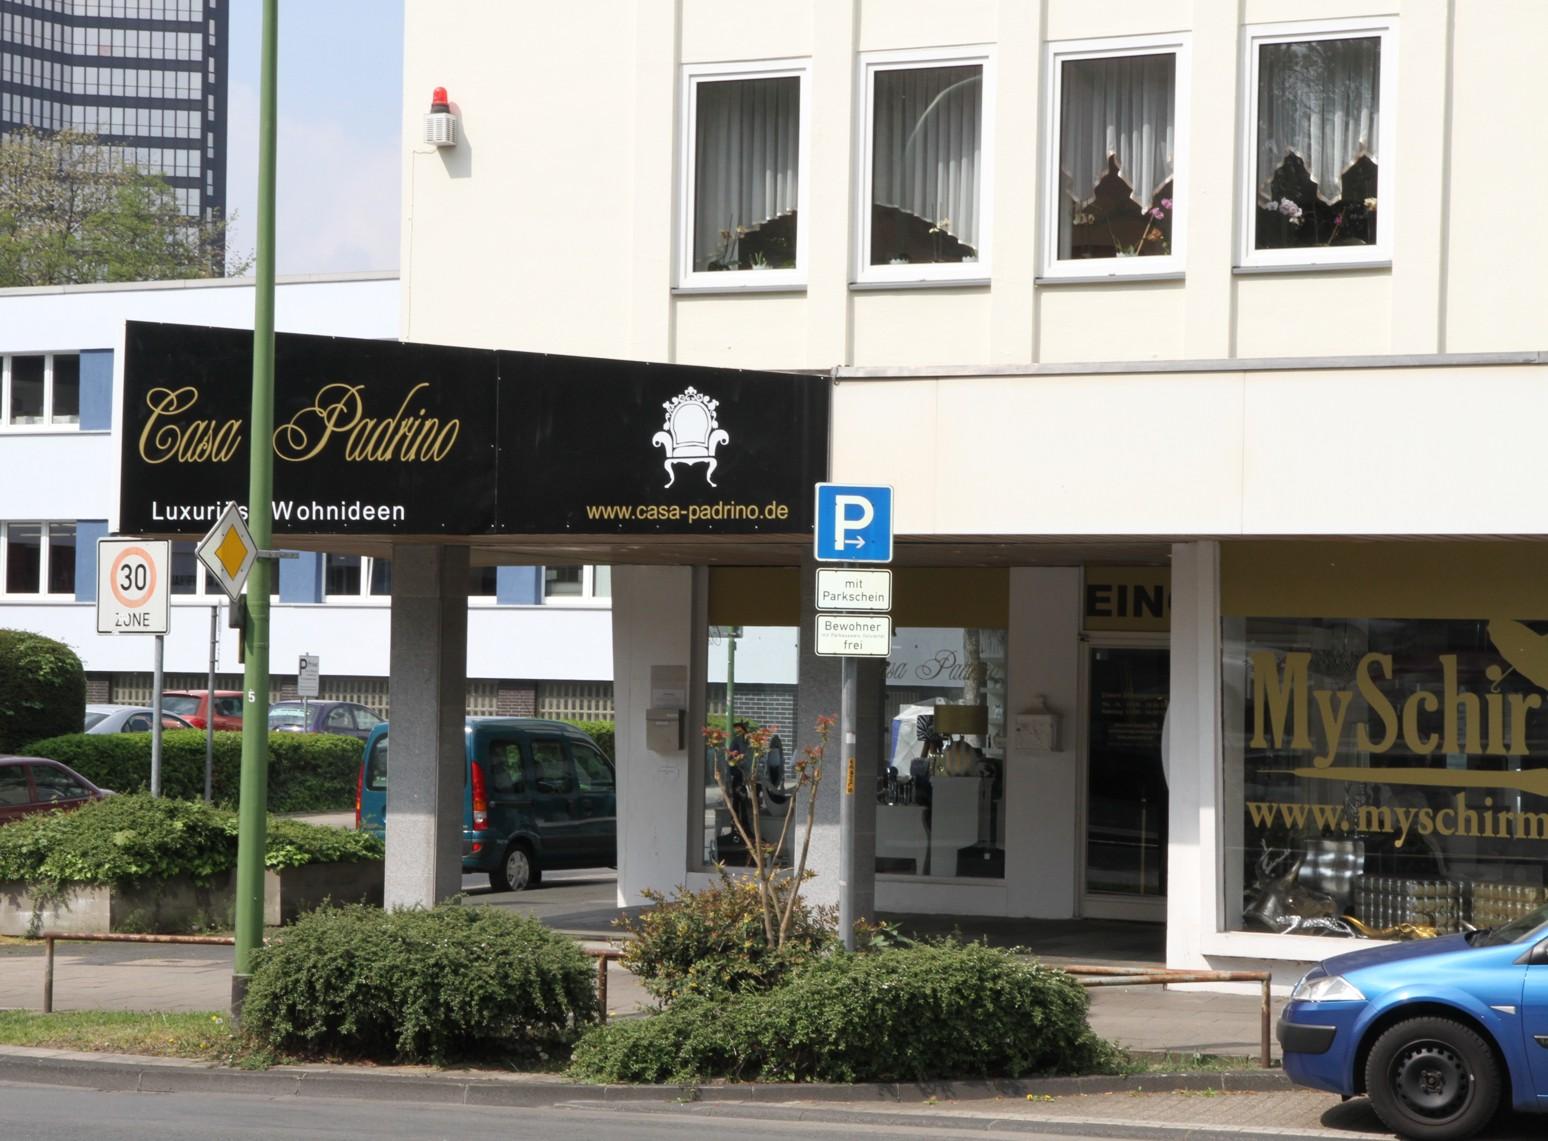 M Belhaus In Wiesbaden fein luxus kindermöbel galerie die besten wohnideen kinjolas com